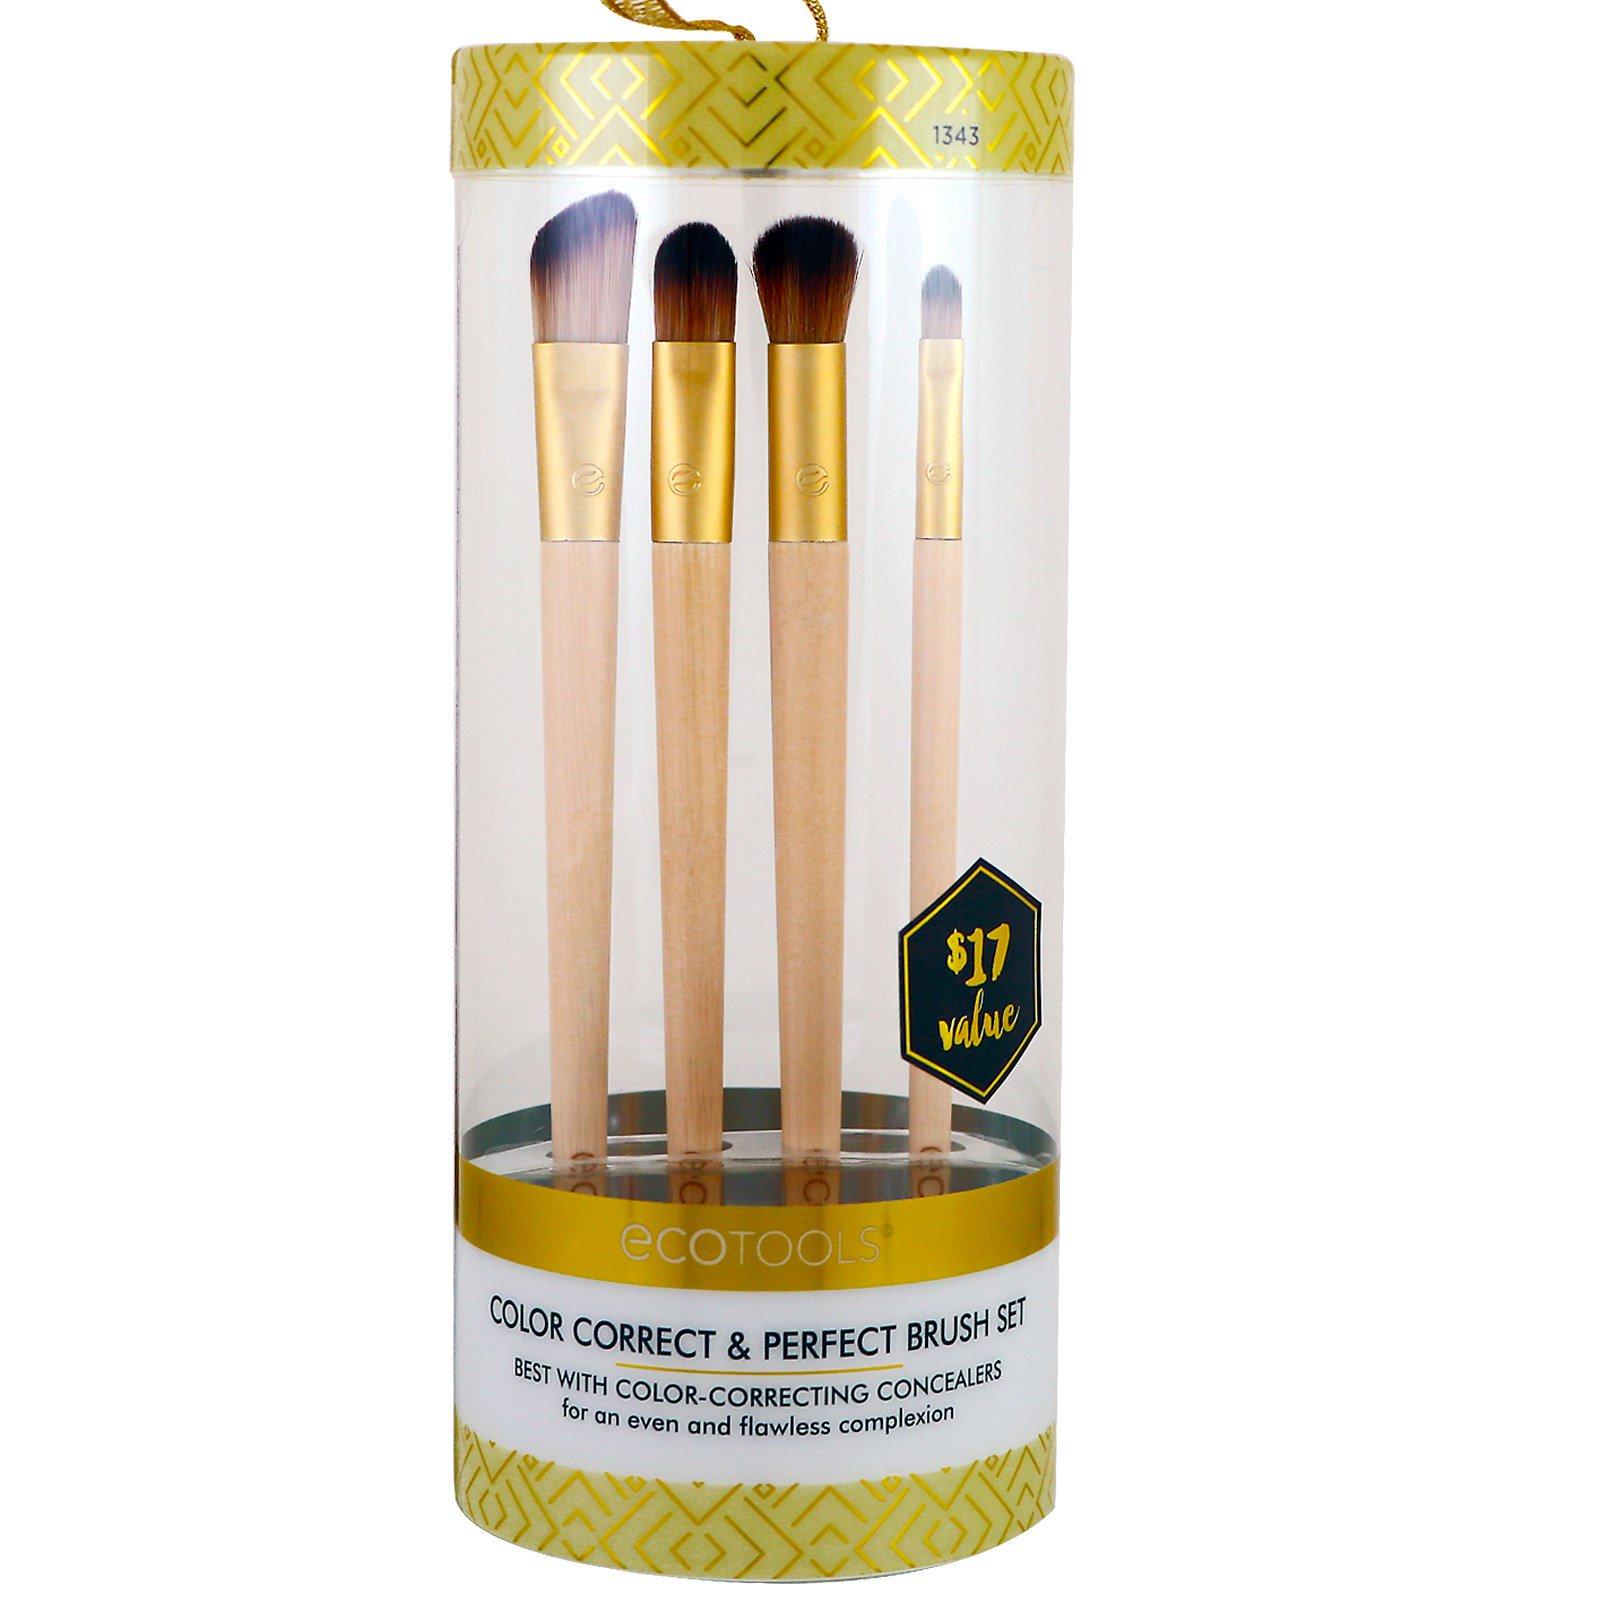 ecotools brushes set. ecotools, gold collection, color correct \u0026 perfect brush set, 4 brushes ecotools set